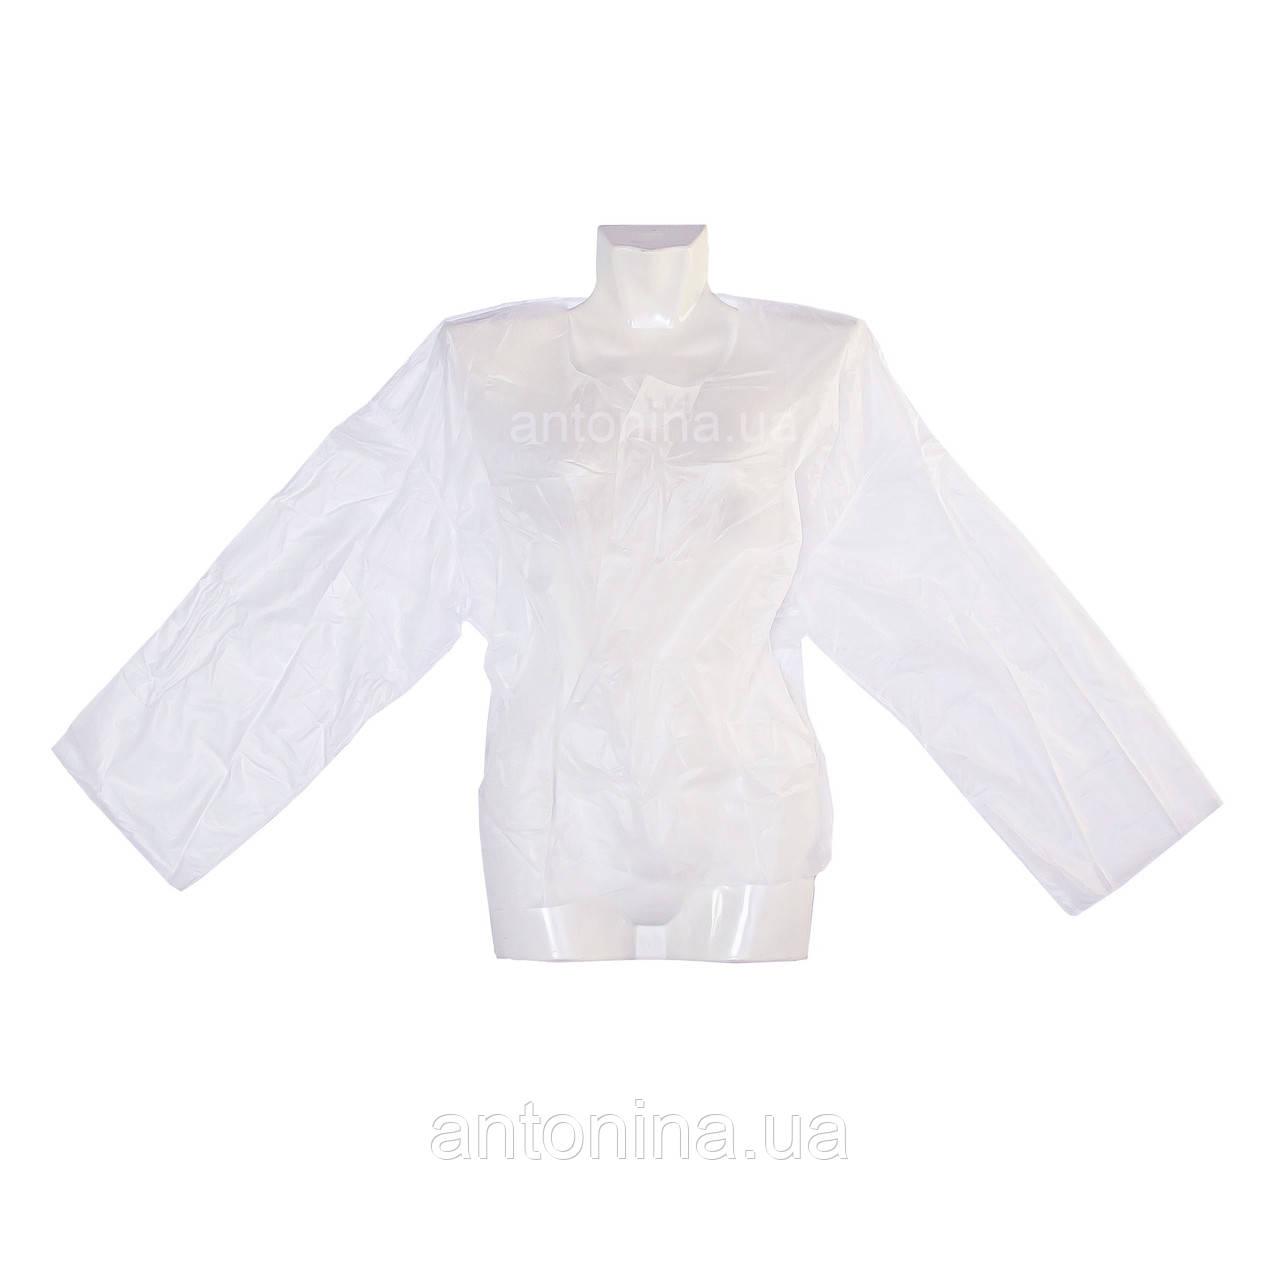 """Куртка для пресотерапії ТМ """"Антоніна"""", щільна"""